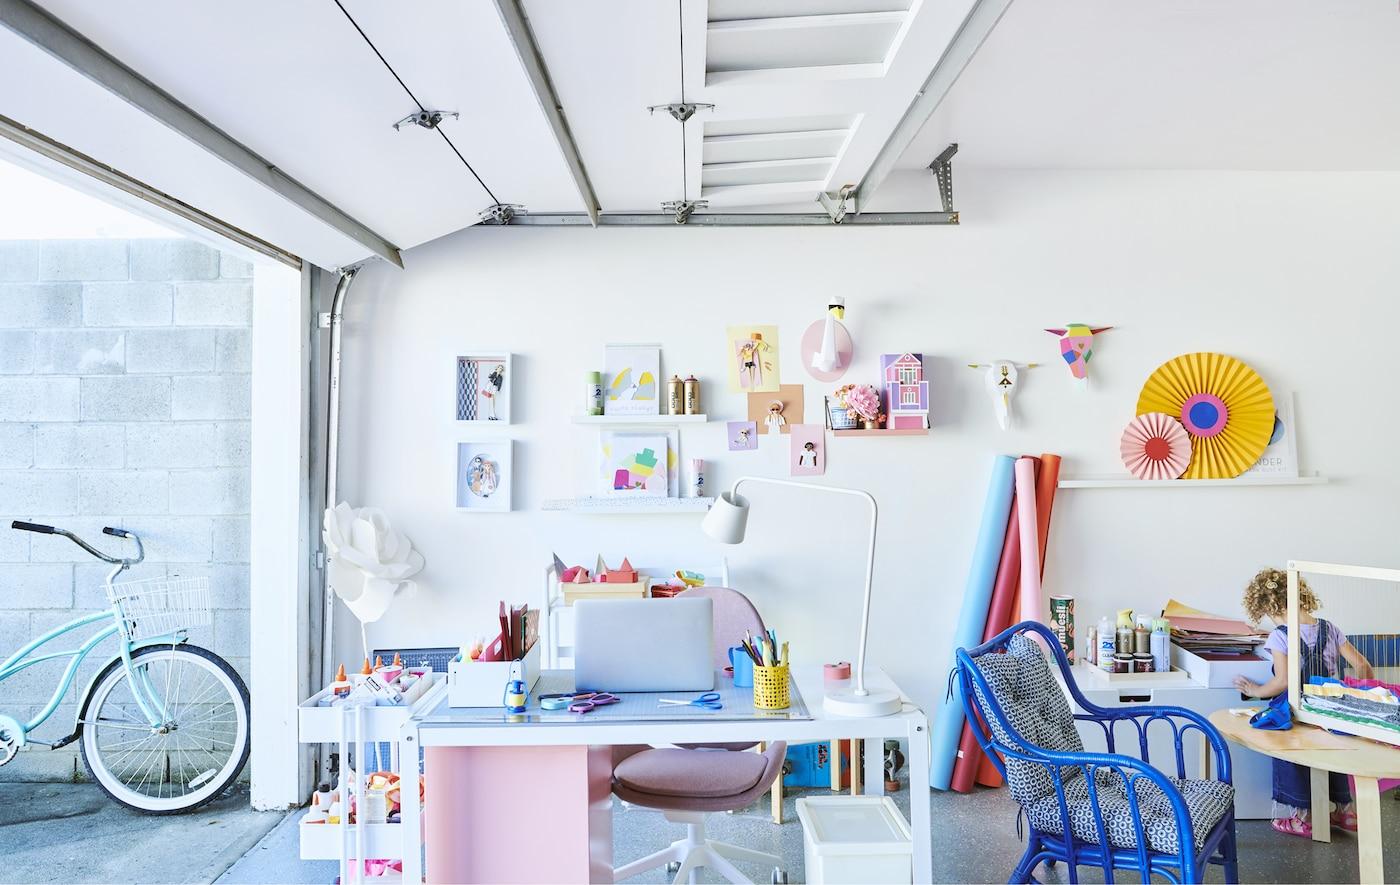 Színes munkahely, íróasztallal, zsúrkocsival, székekkel és fali bemutatóval egy garázsban.